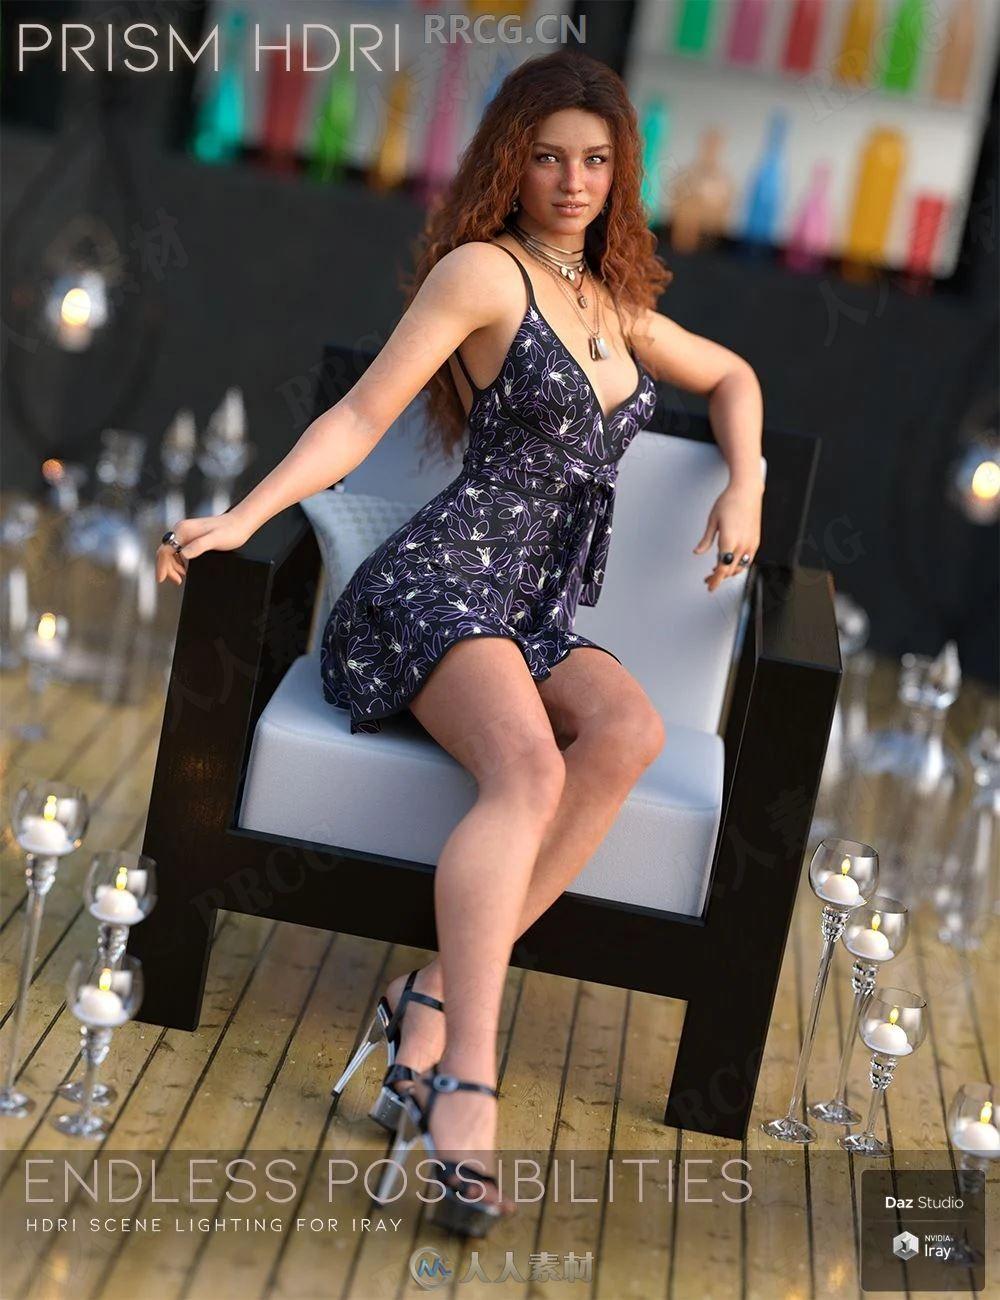 梦幻唯美点光源照明预设效果3D模型合集